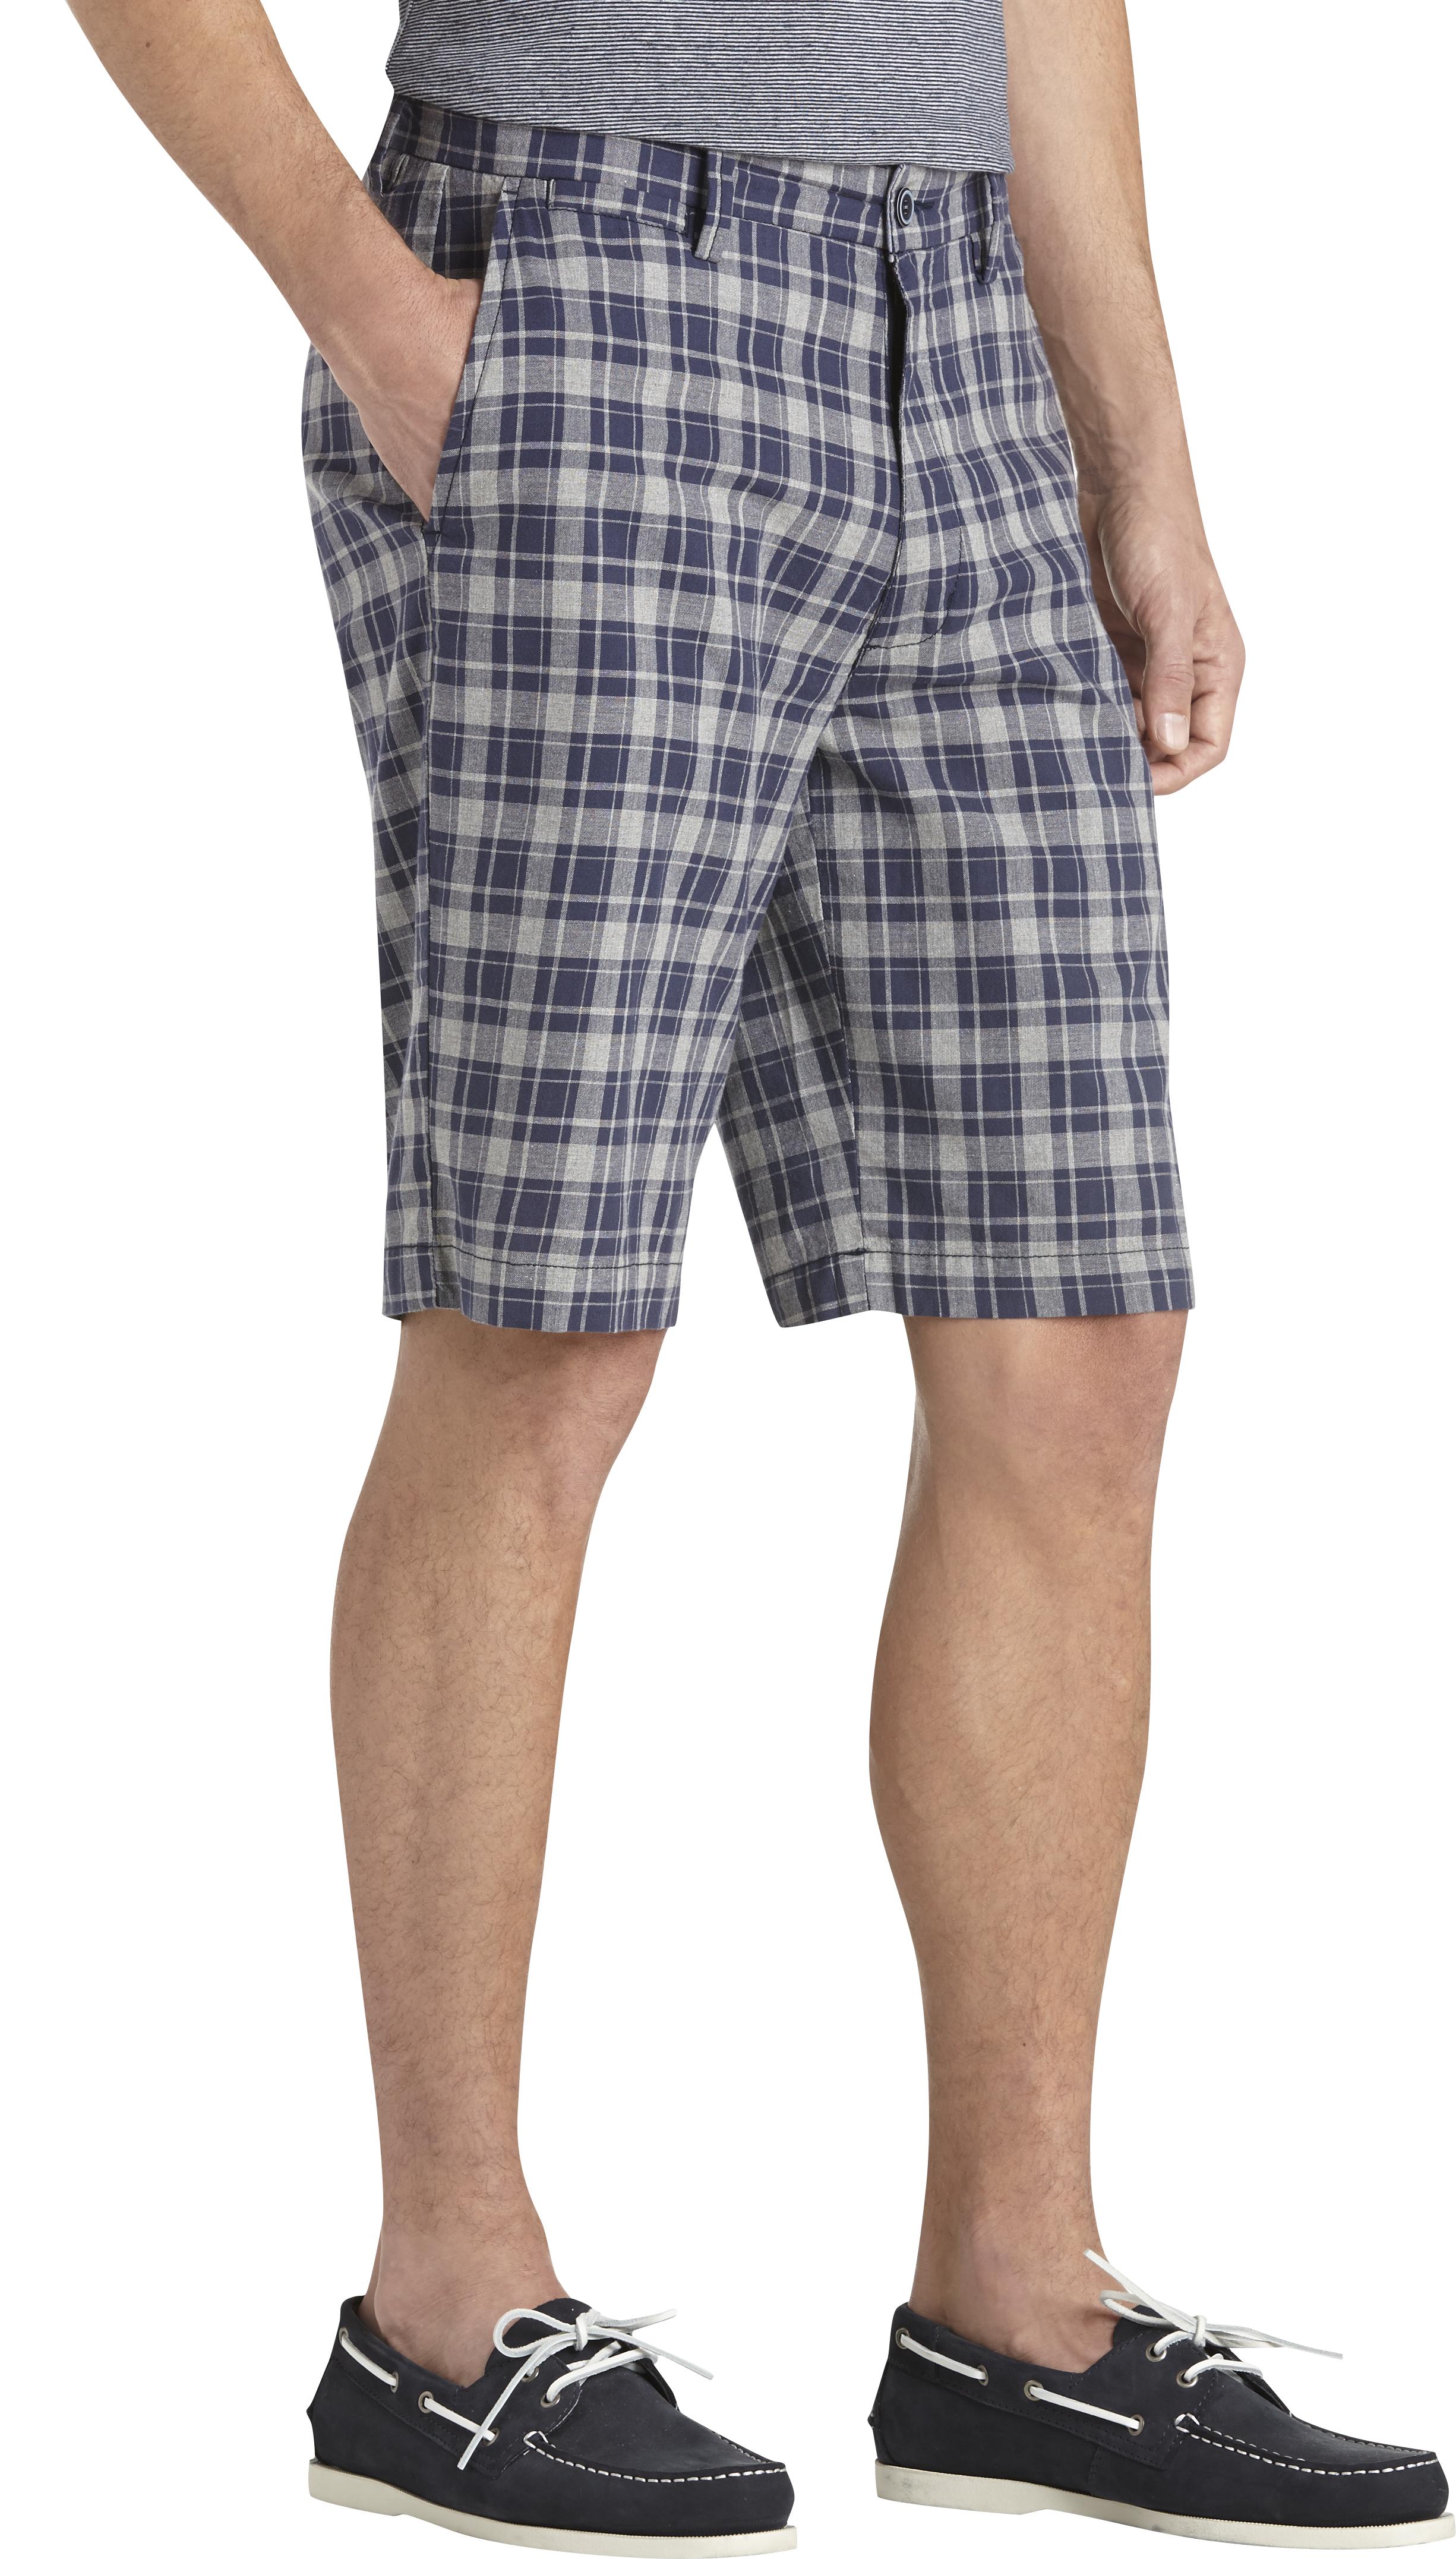 Joseph Abboud Mens Plaid Shorts